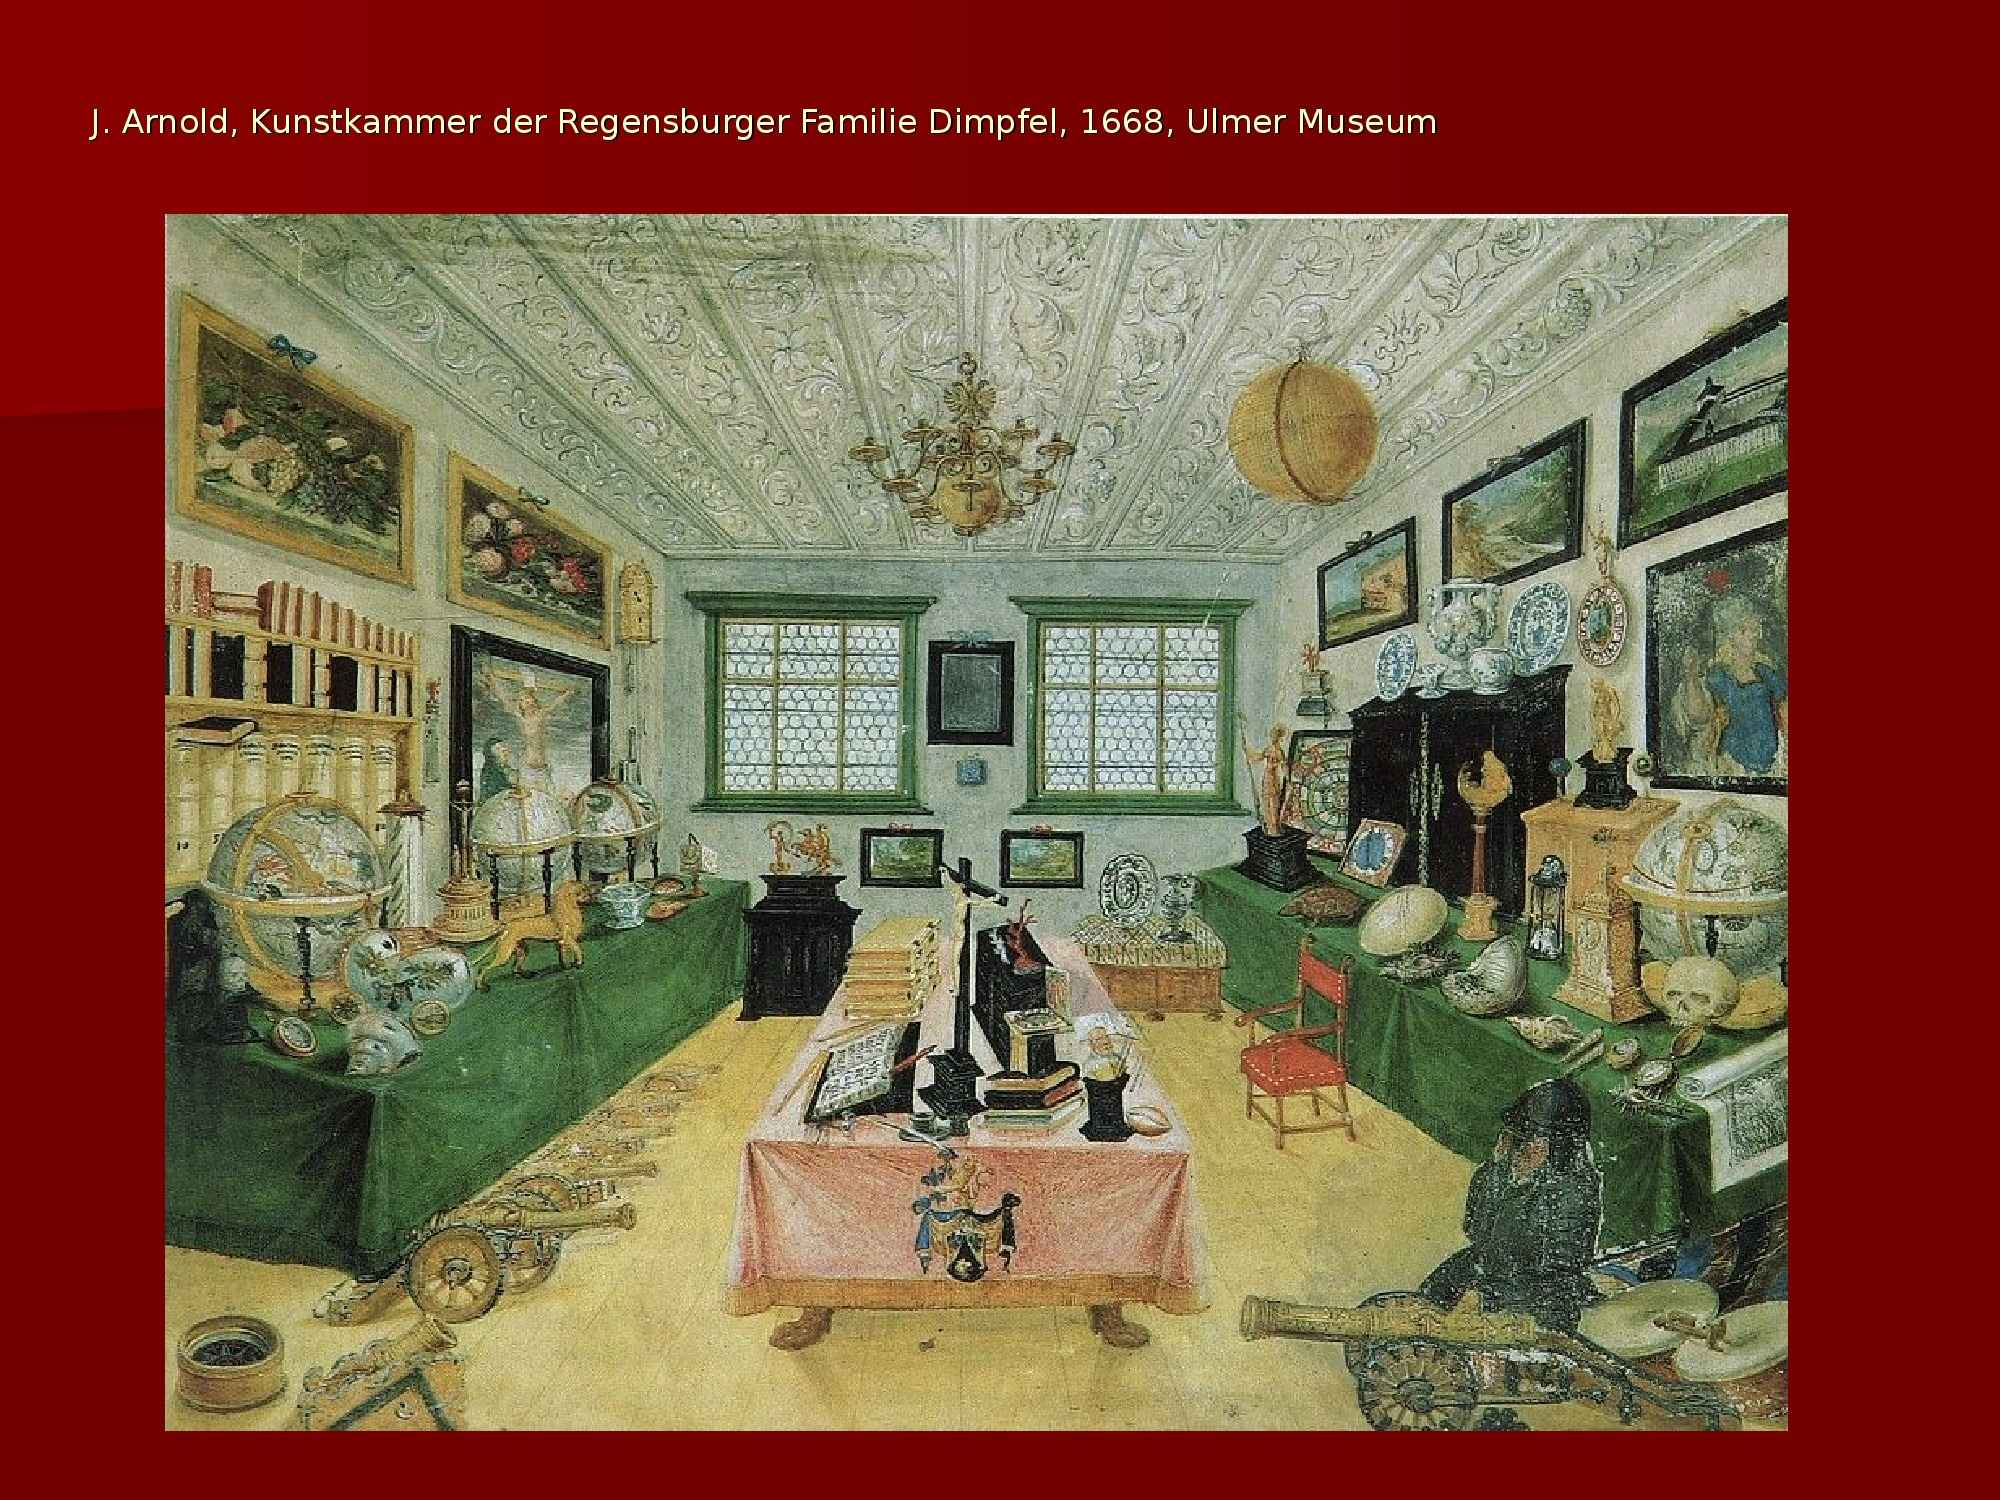 Museologia - Appunti con immagini Pag. 21